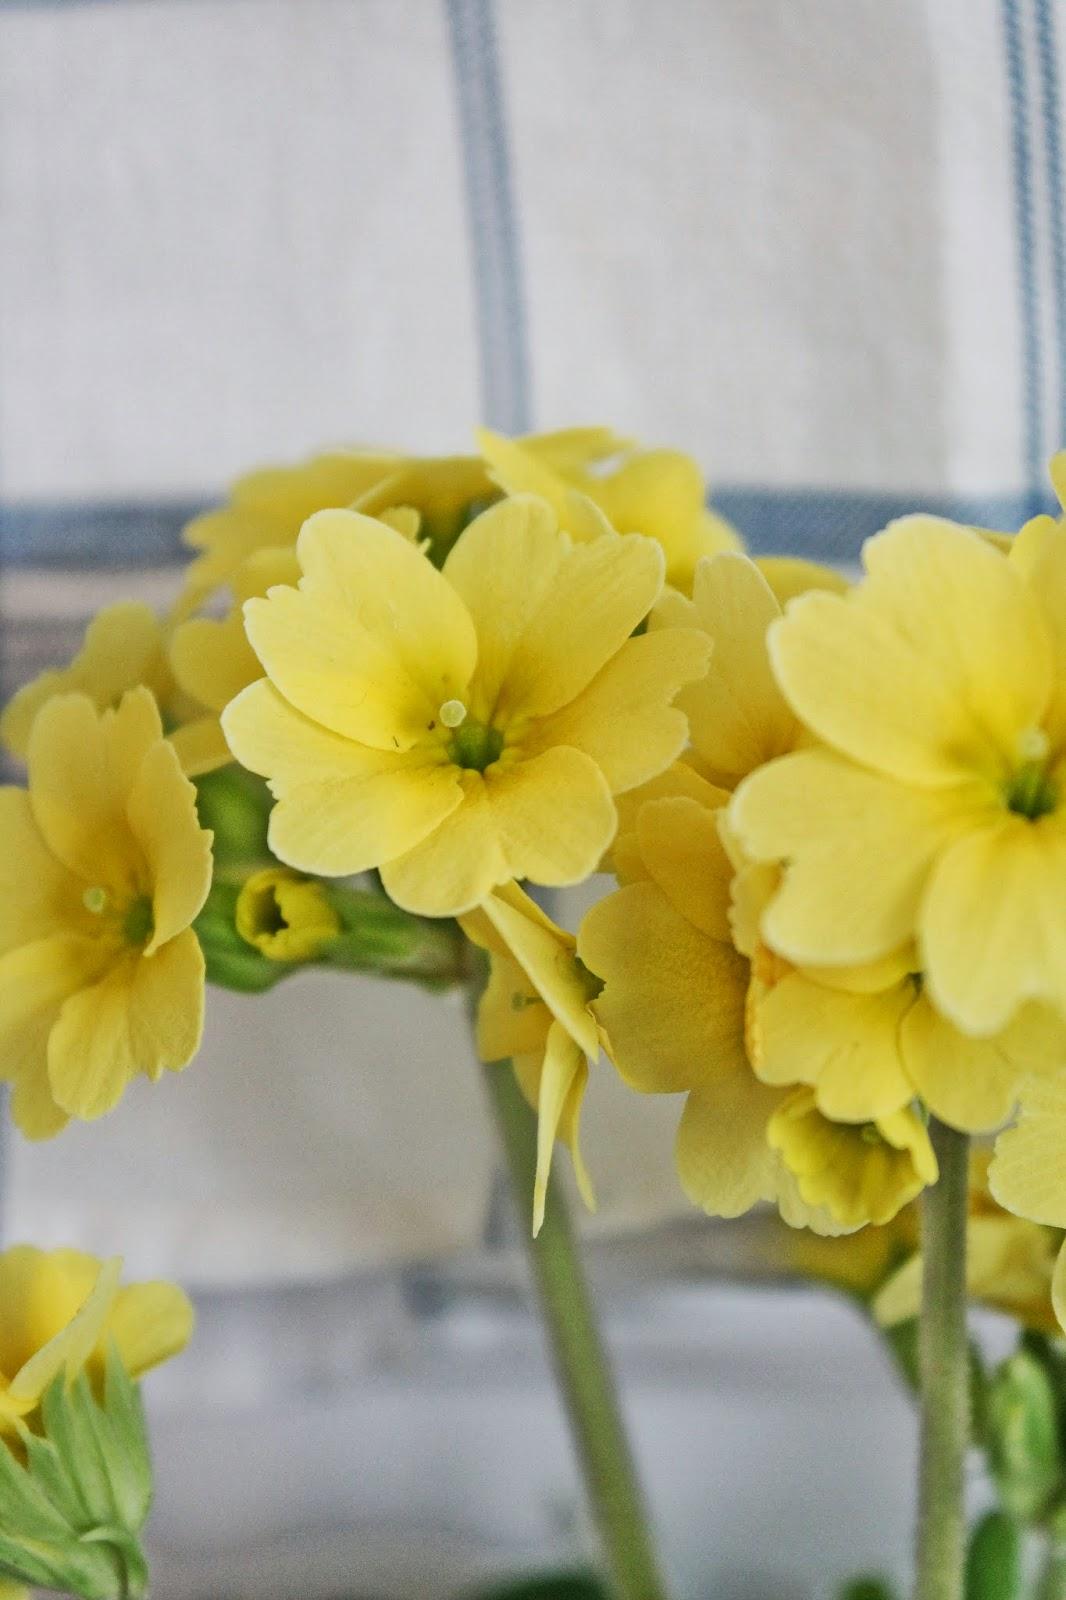 dekor/vesennie-cvety-k-pashe-foto-14.jpg